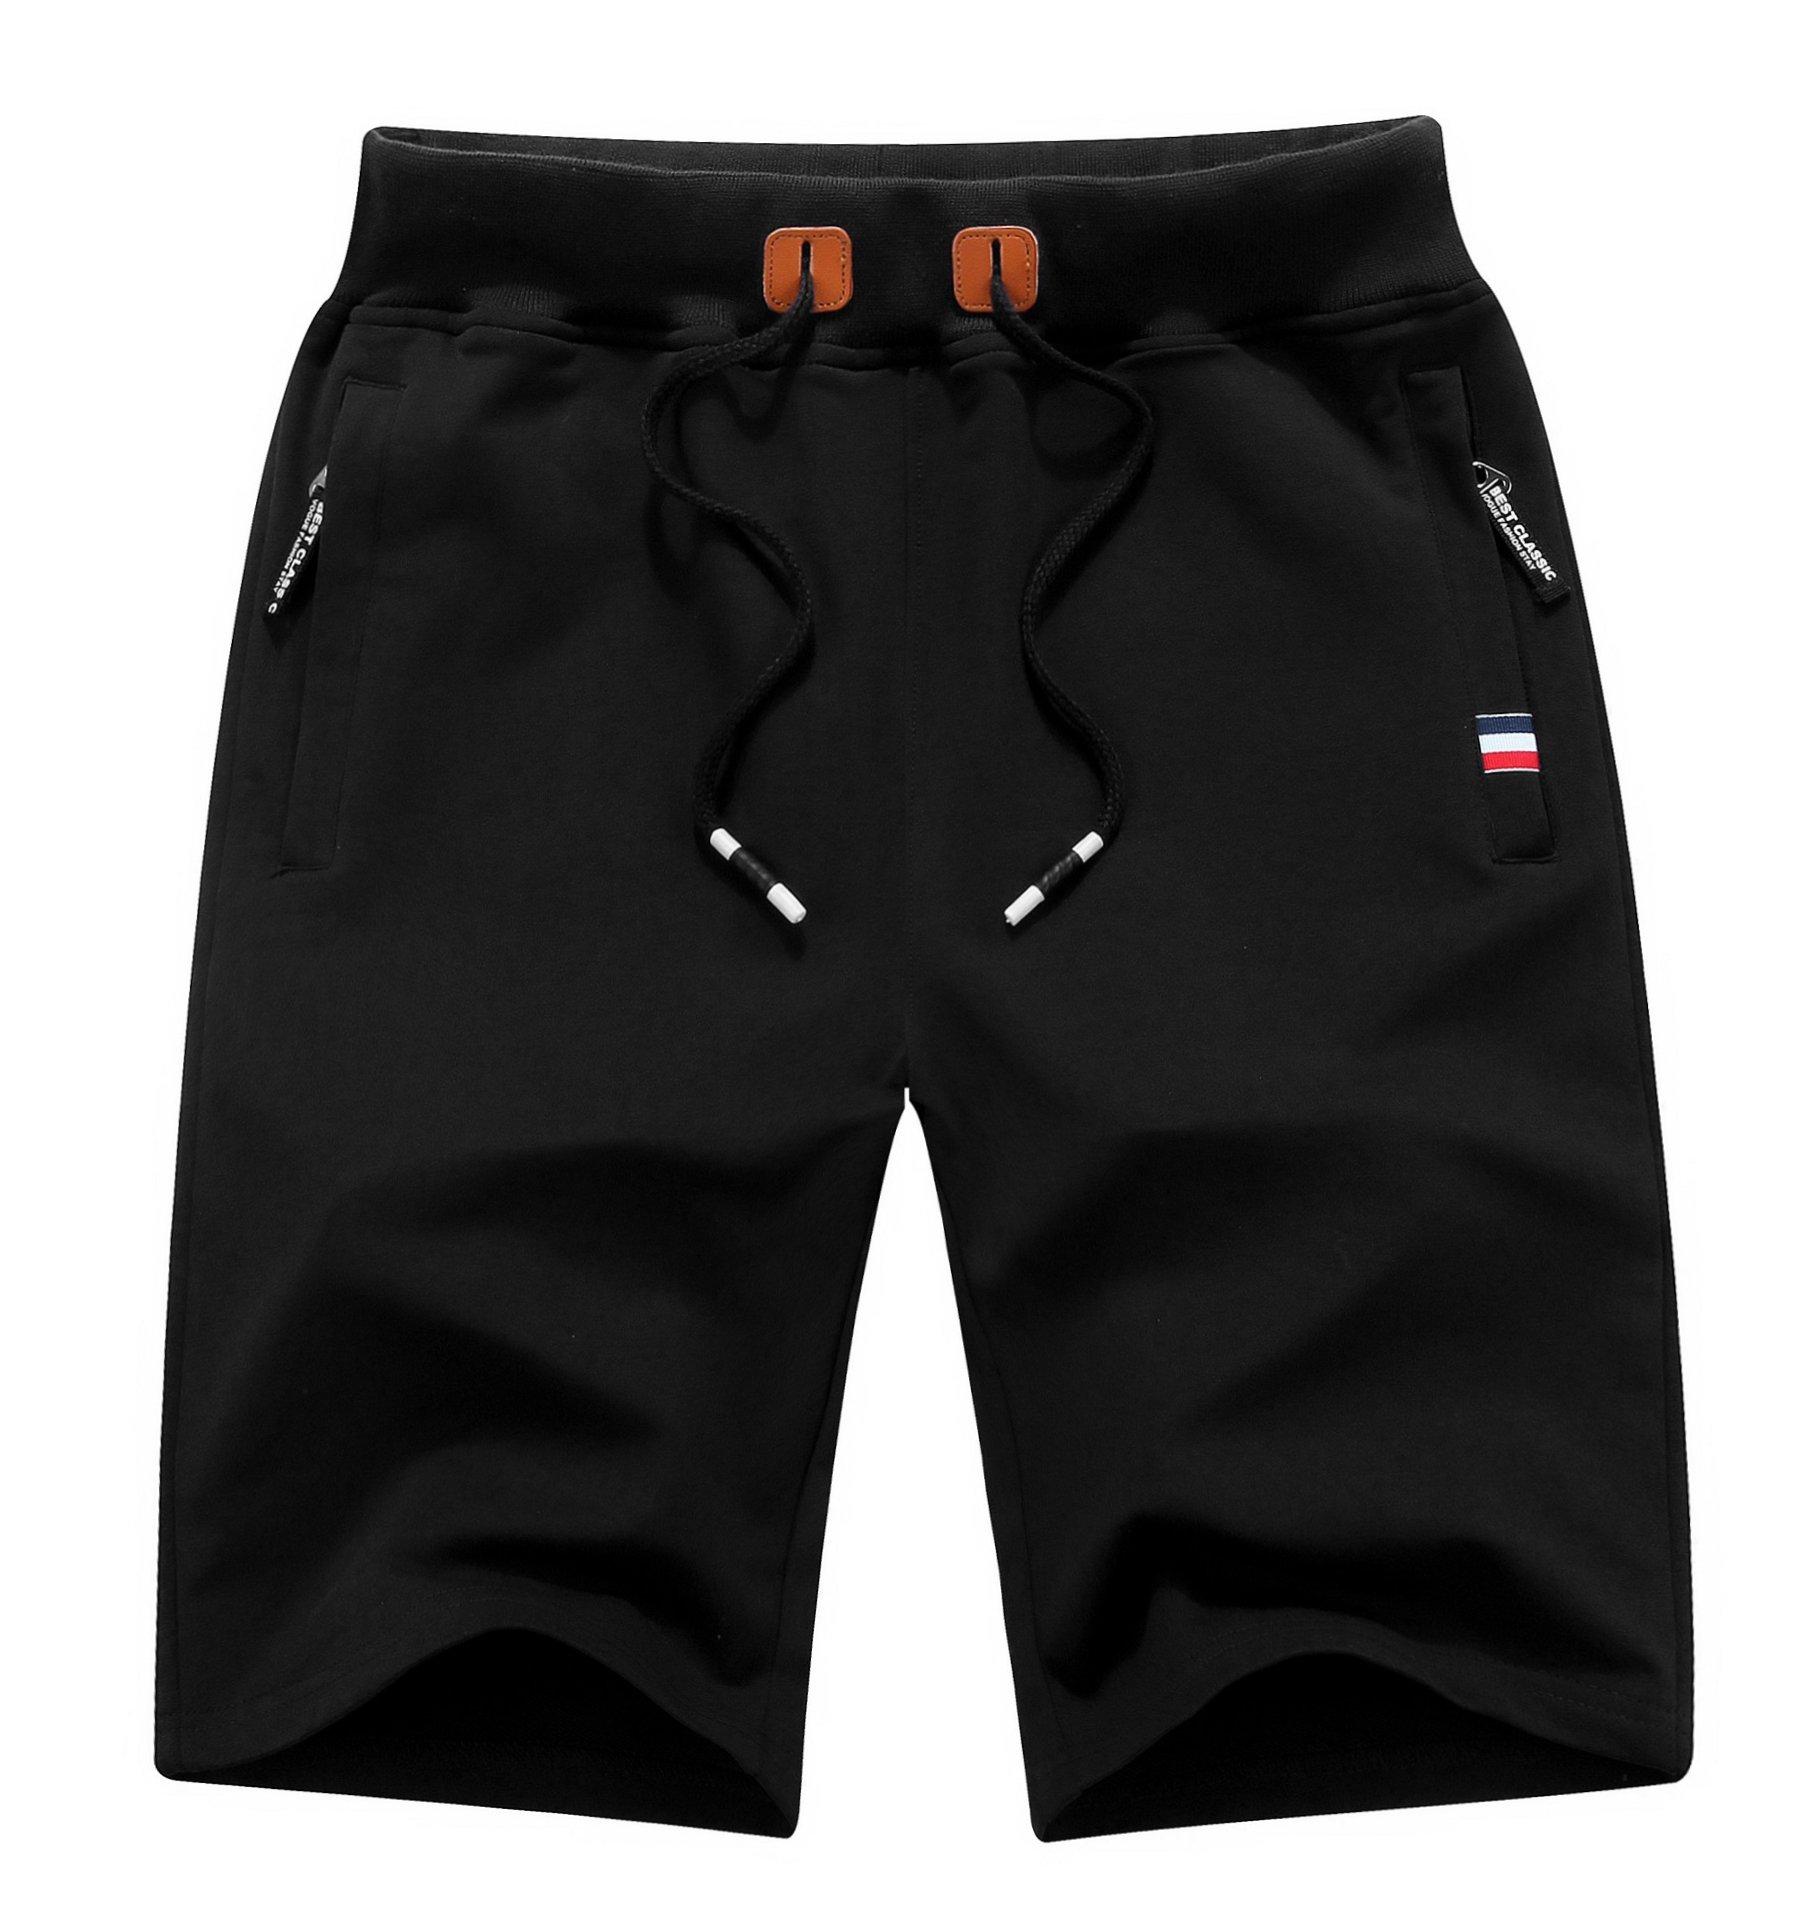 MO GOOD Mens Casual Shorts Workout Fashion Comfy Shorts Summer Breathable Loose Shorts (Black, US (38-39))